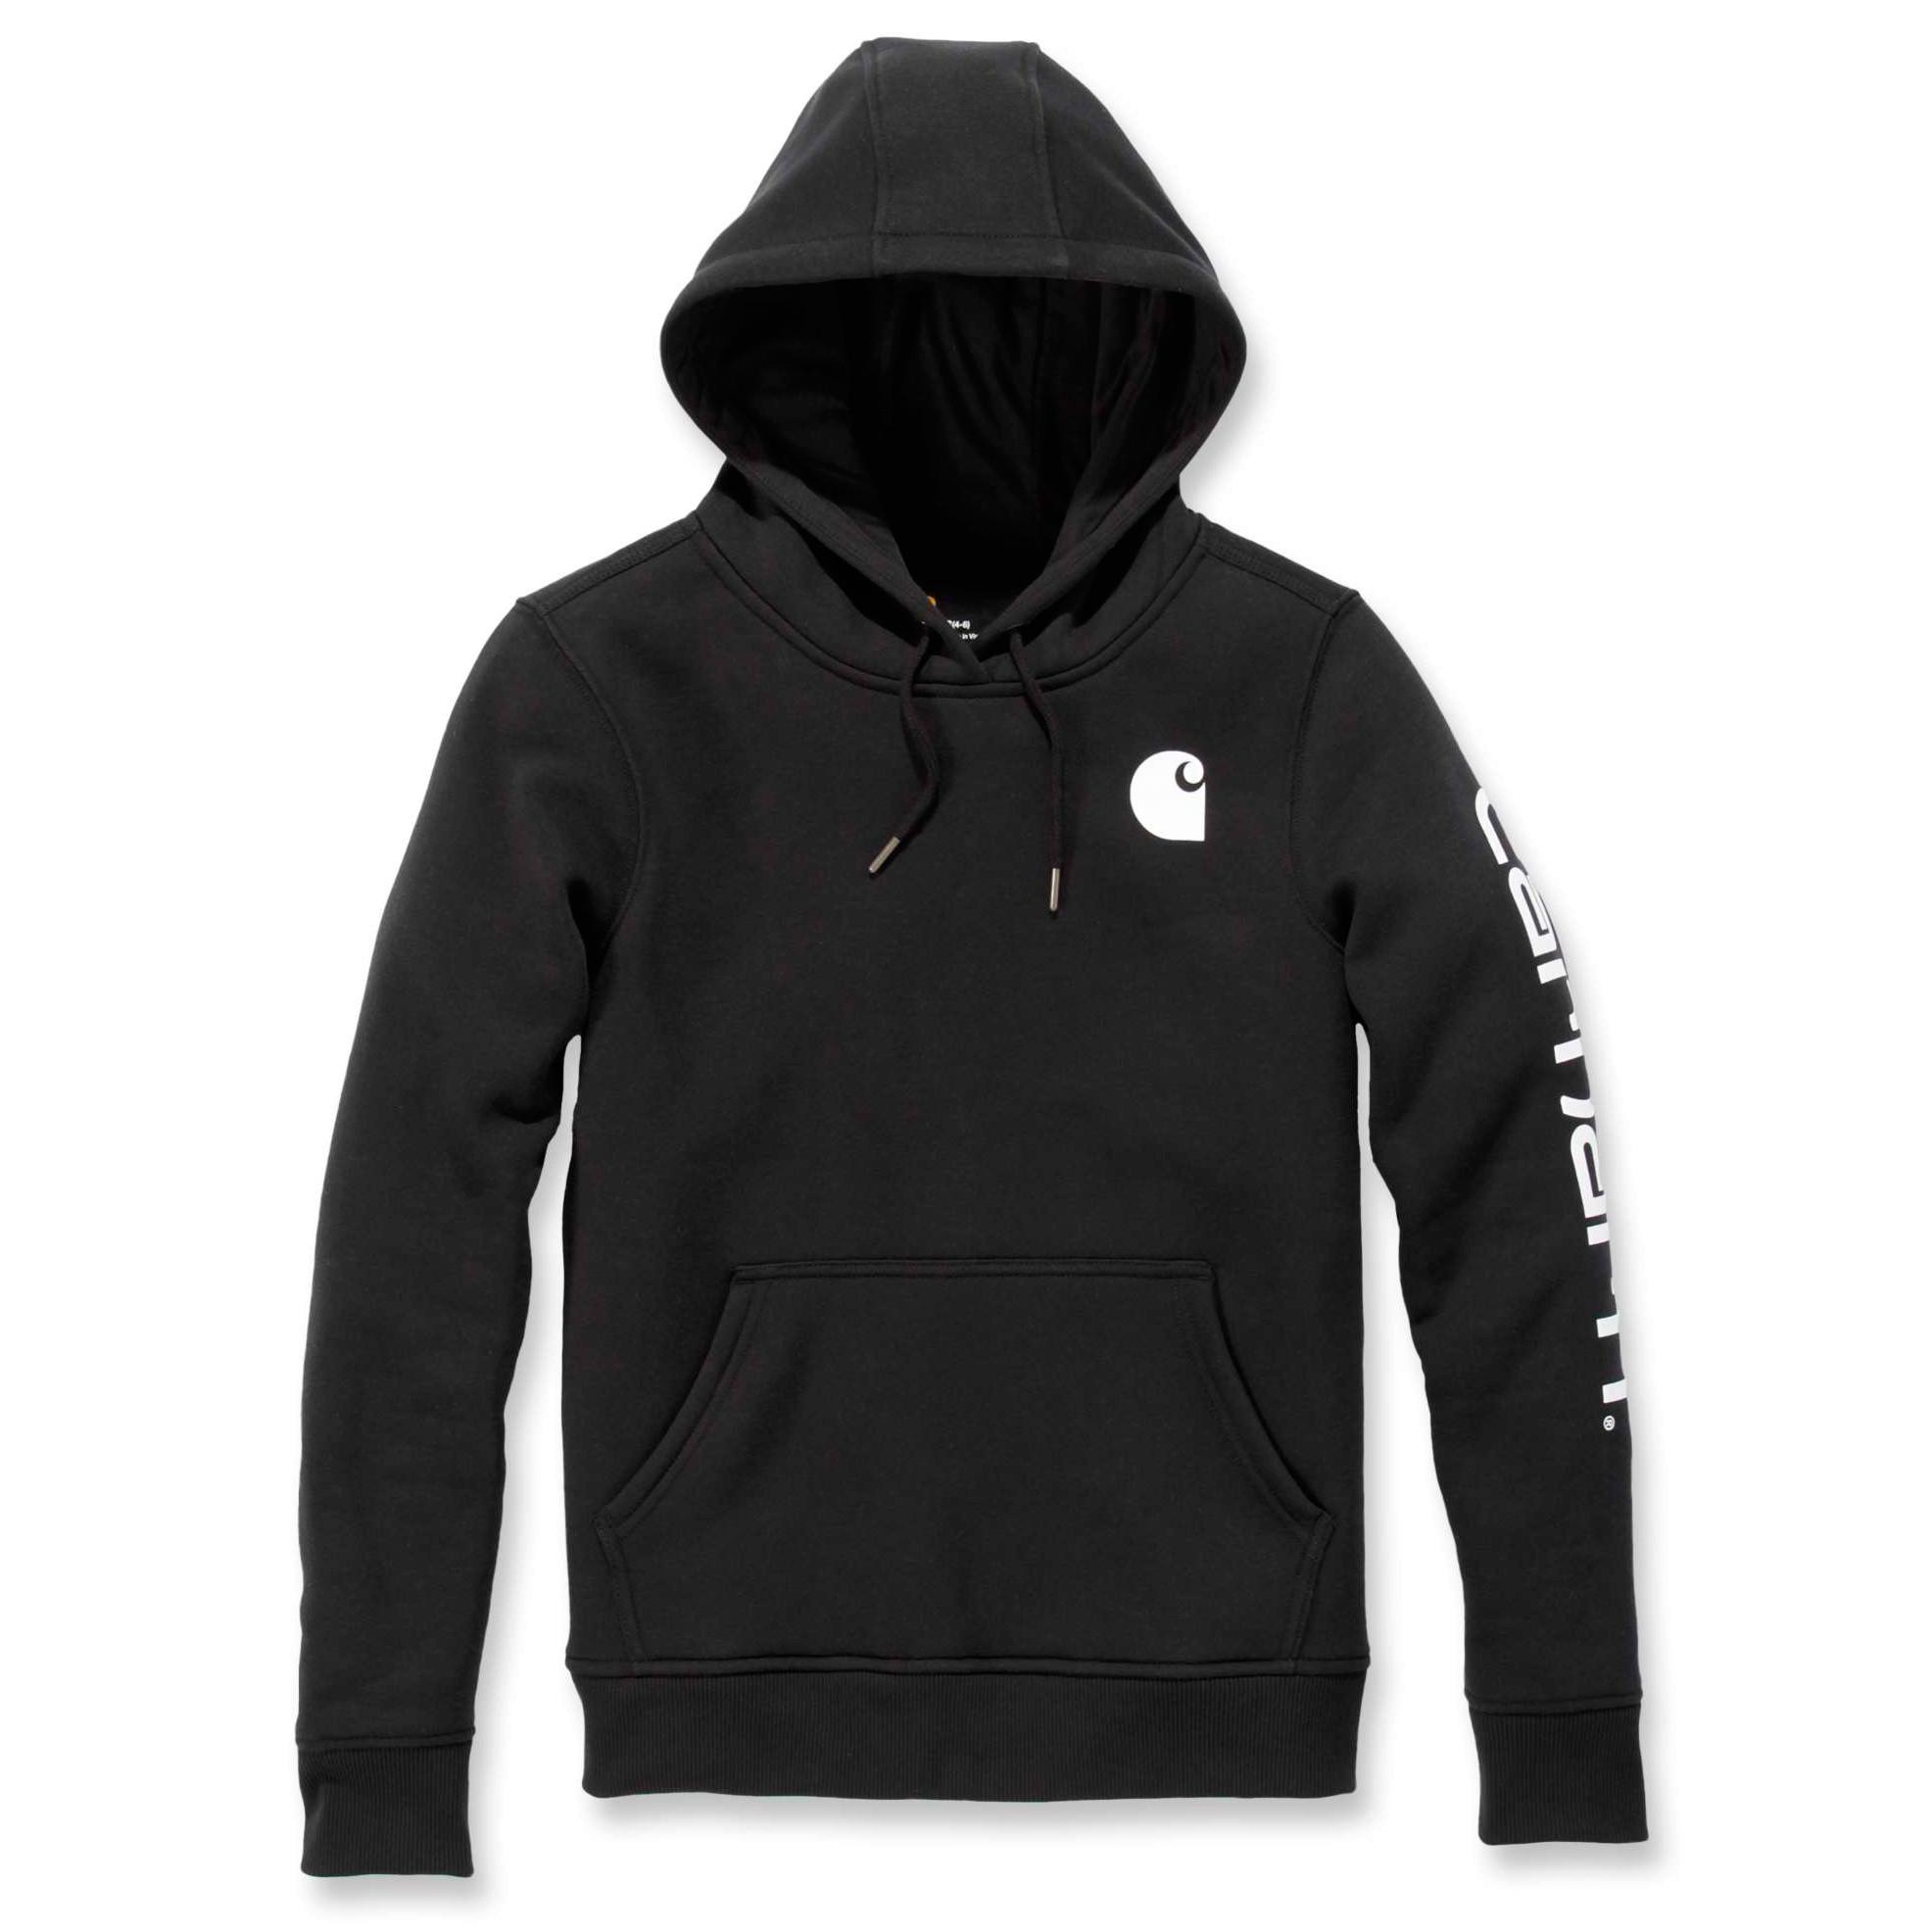 Худи женское Carhartt Clarksburg Pullover Sweatshirt - 102791 (Black, S)